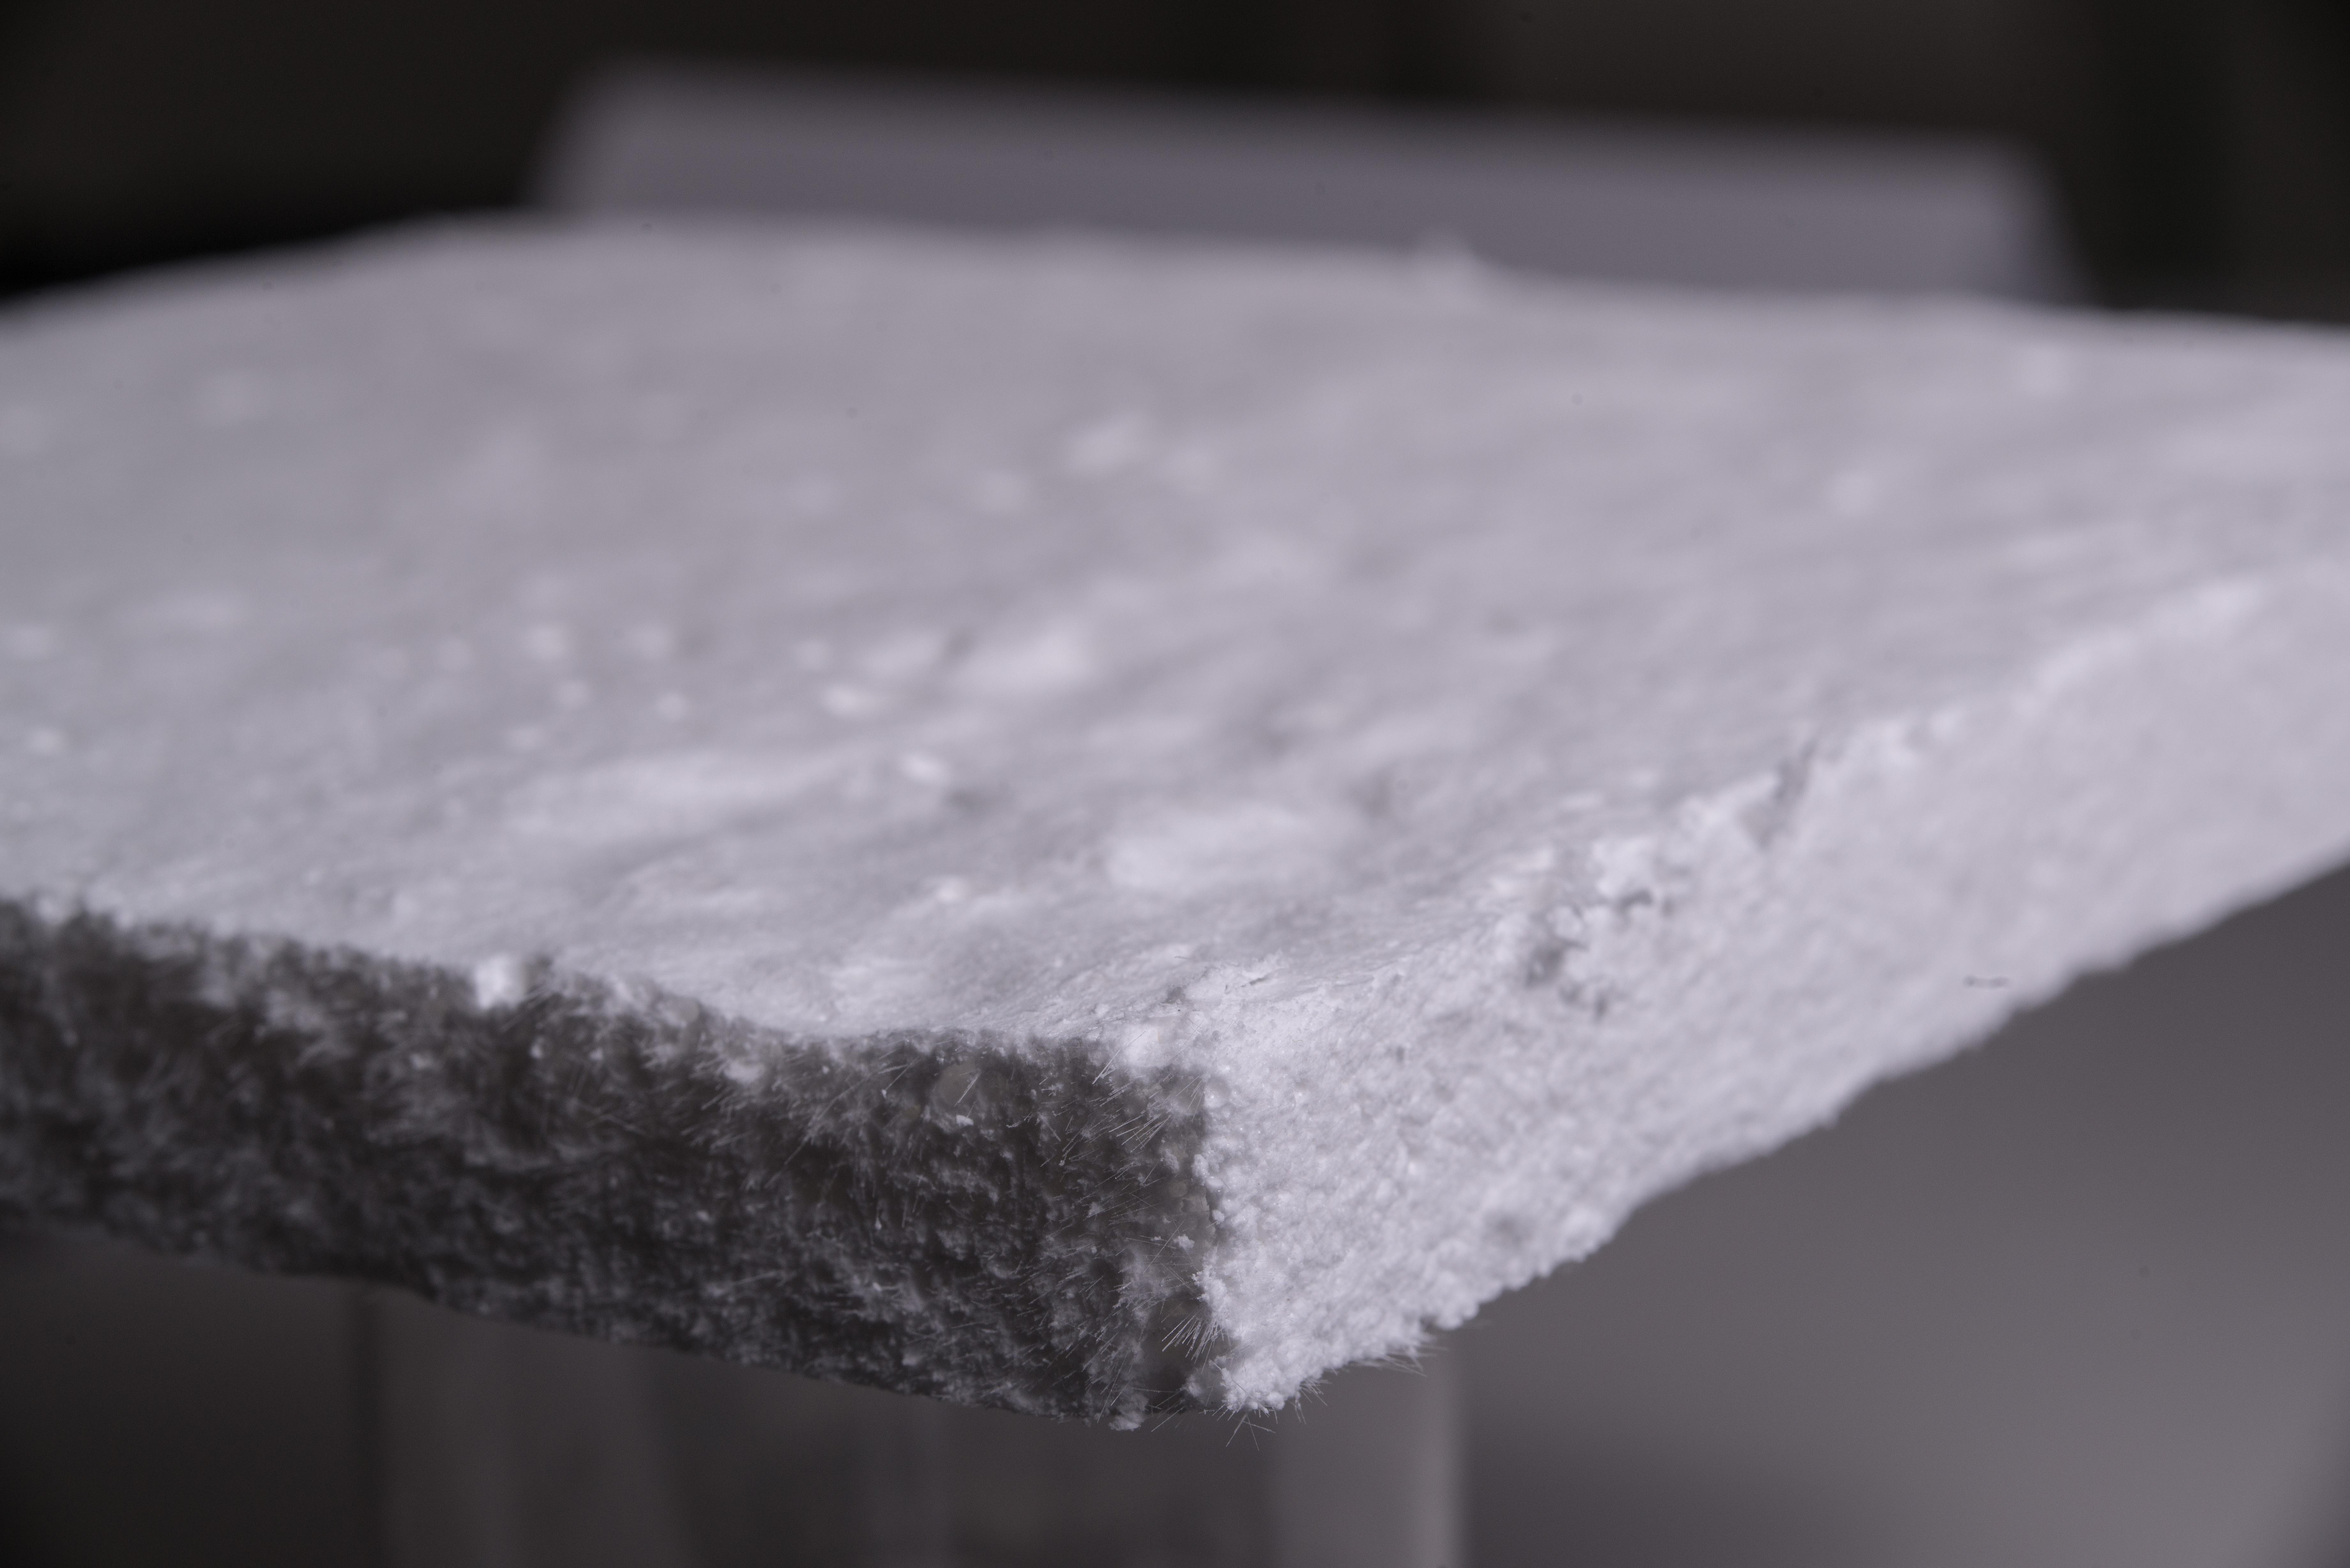 「氣凝膠塊狀複合材料」具有高機械強度之附加價值,適合應用在工業管線與高溫設備,降低能源損耗與提升安全性。